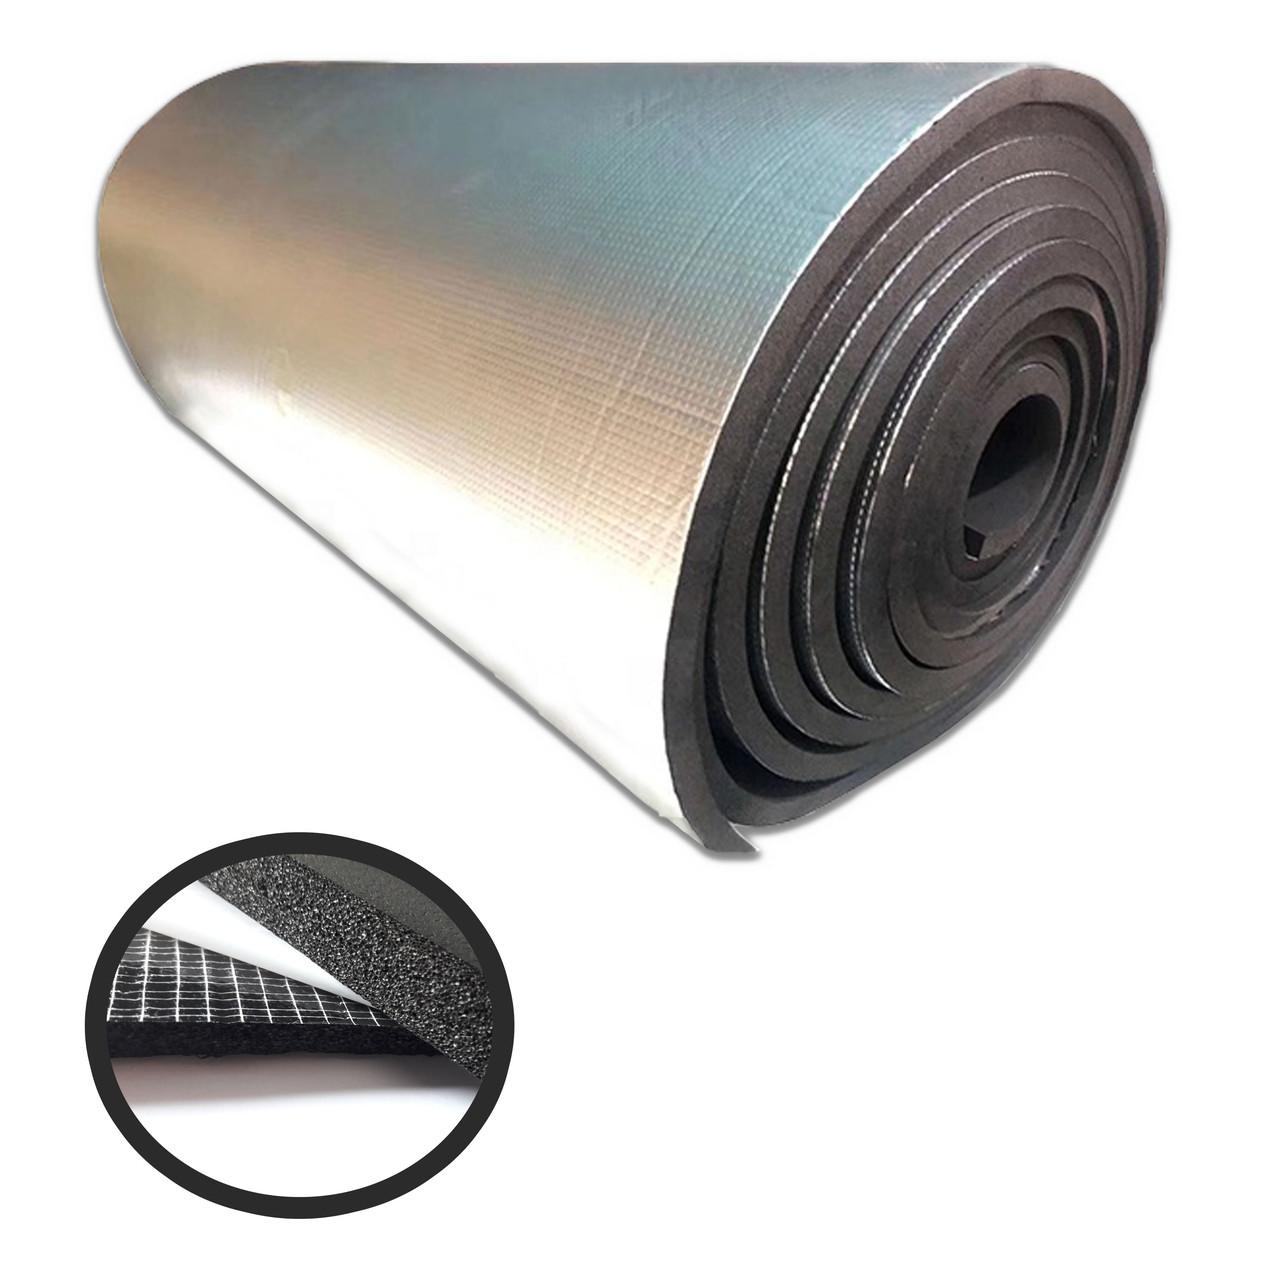 Вспененный каучук самоклеящийся фольгированный 6 мм (синтетический)